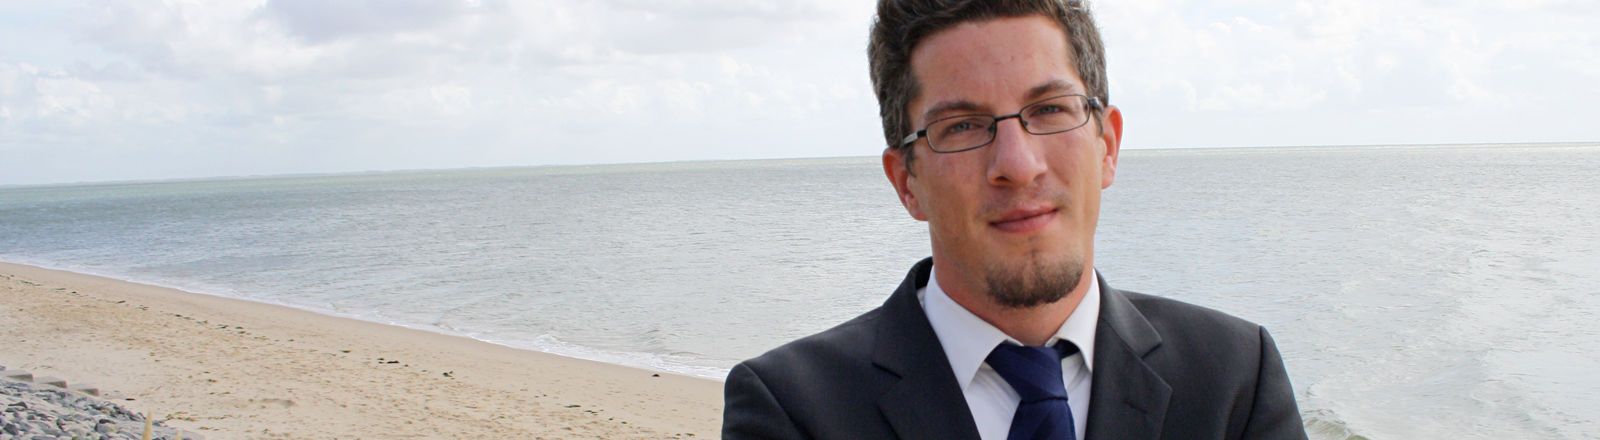 Daniel Köhler steht am Strand, im Hintergrund das Meer. Er hat kurze, dunkle Haare. Er trägt eine Brille und Anzug mit Schlips.